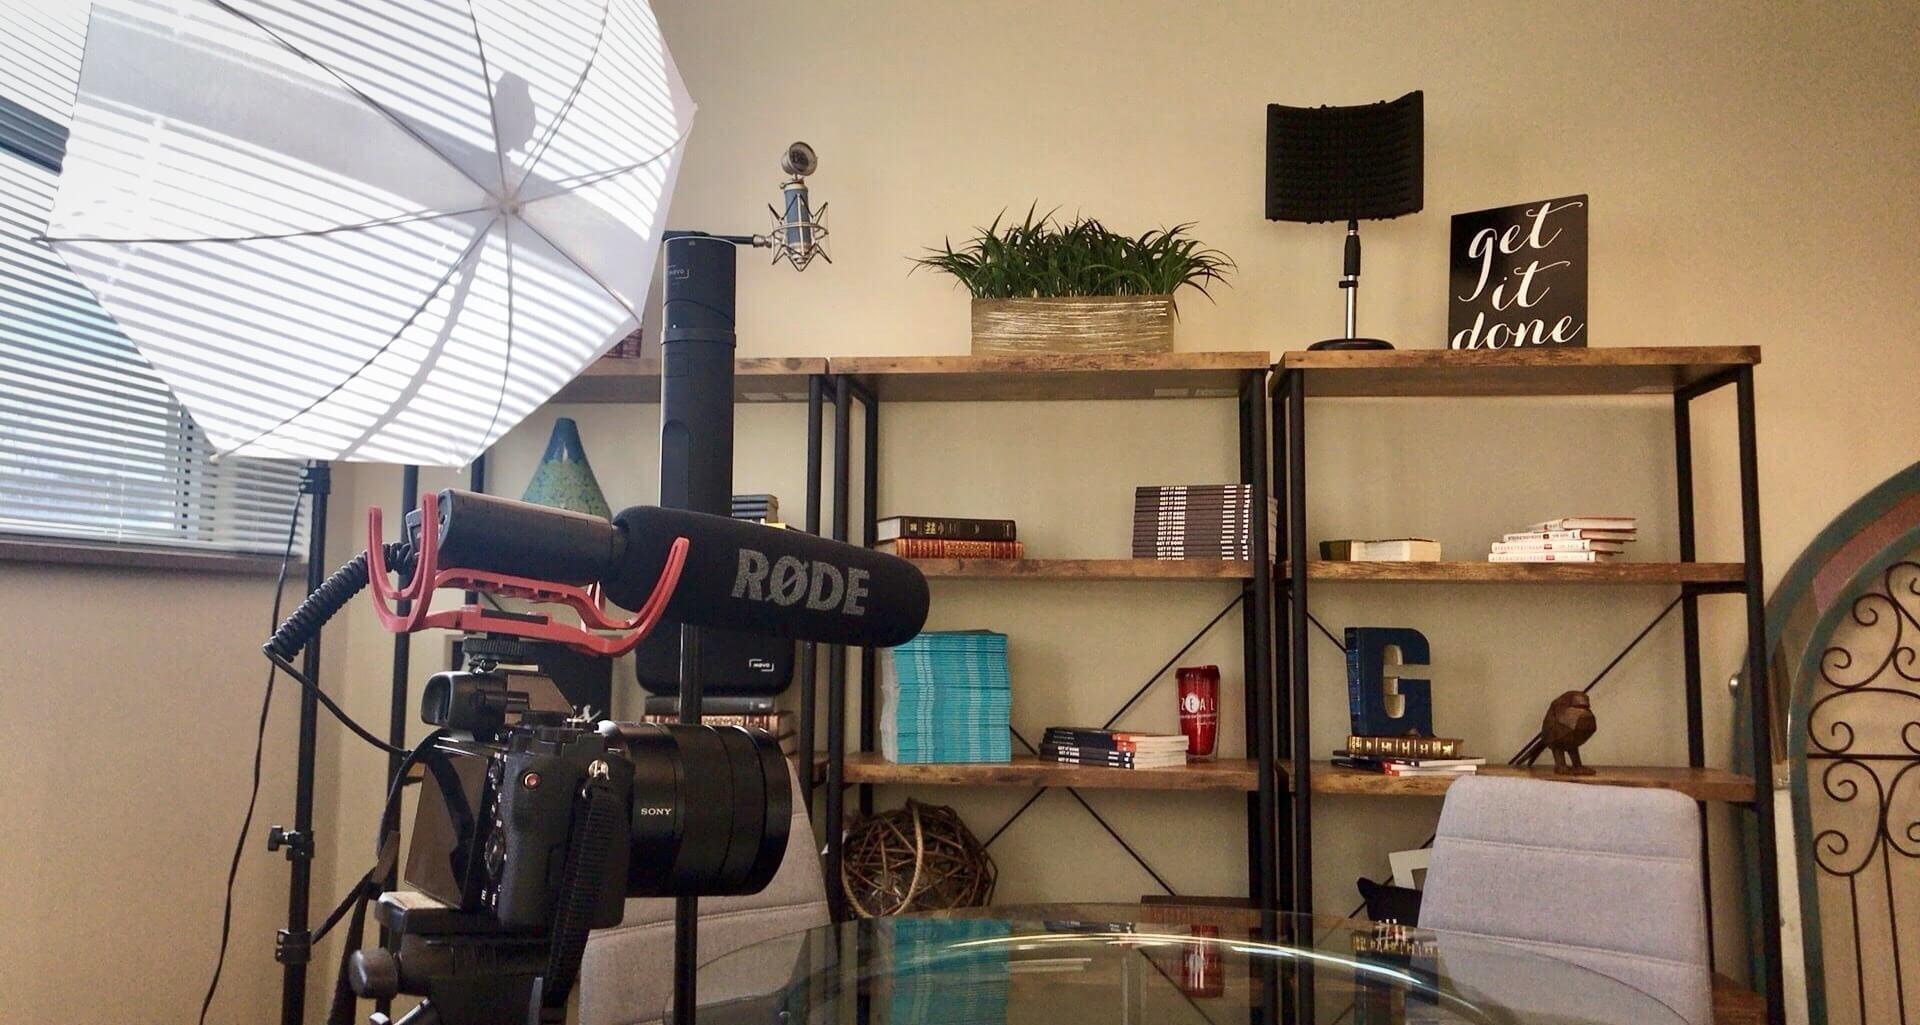 zeal media equipment shelves